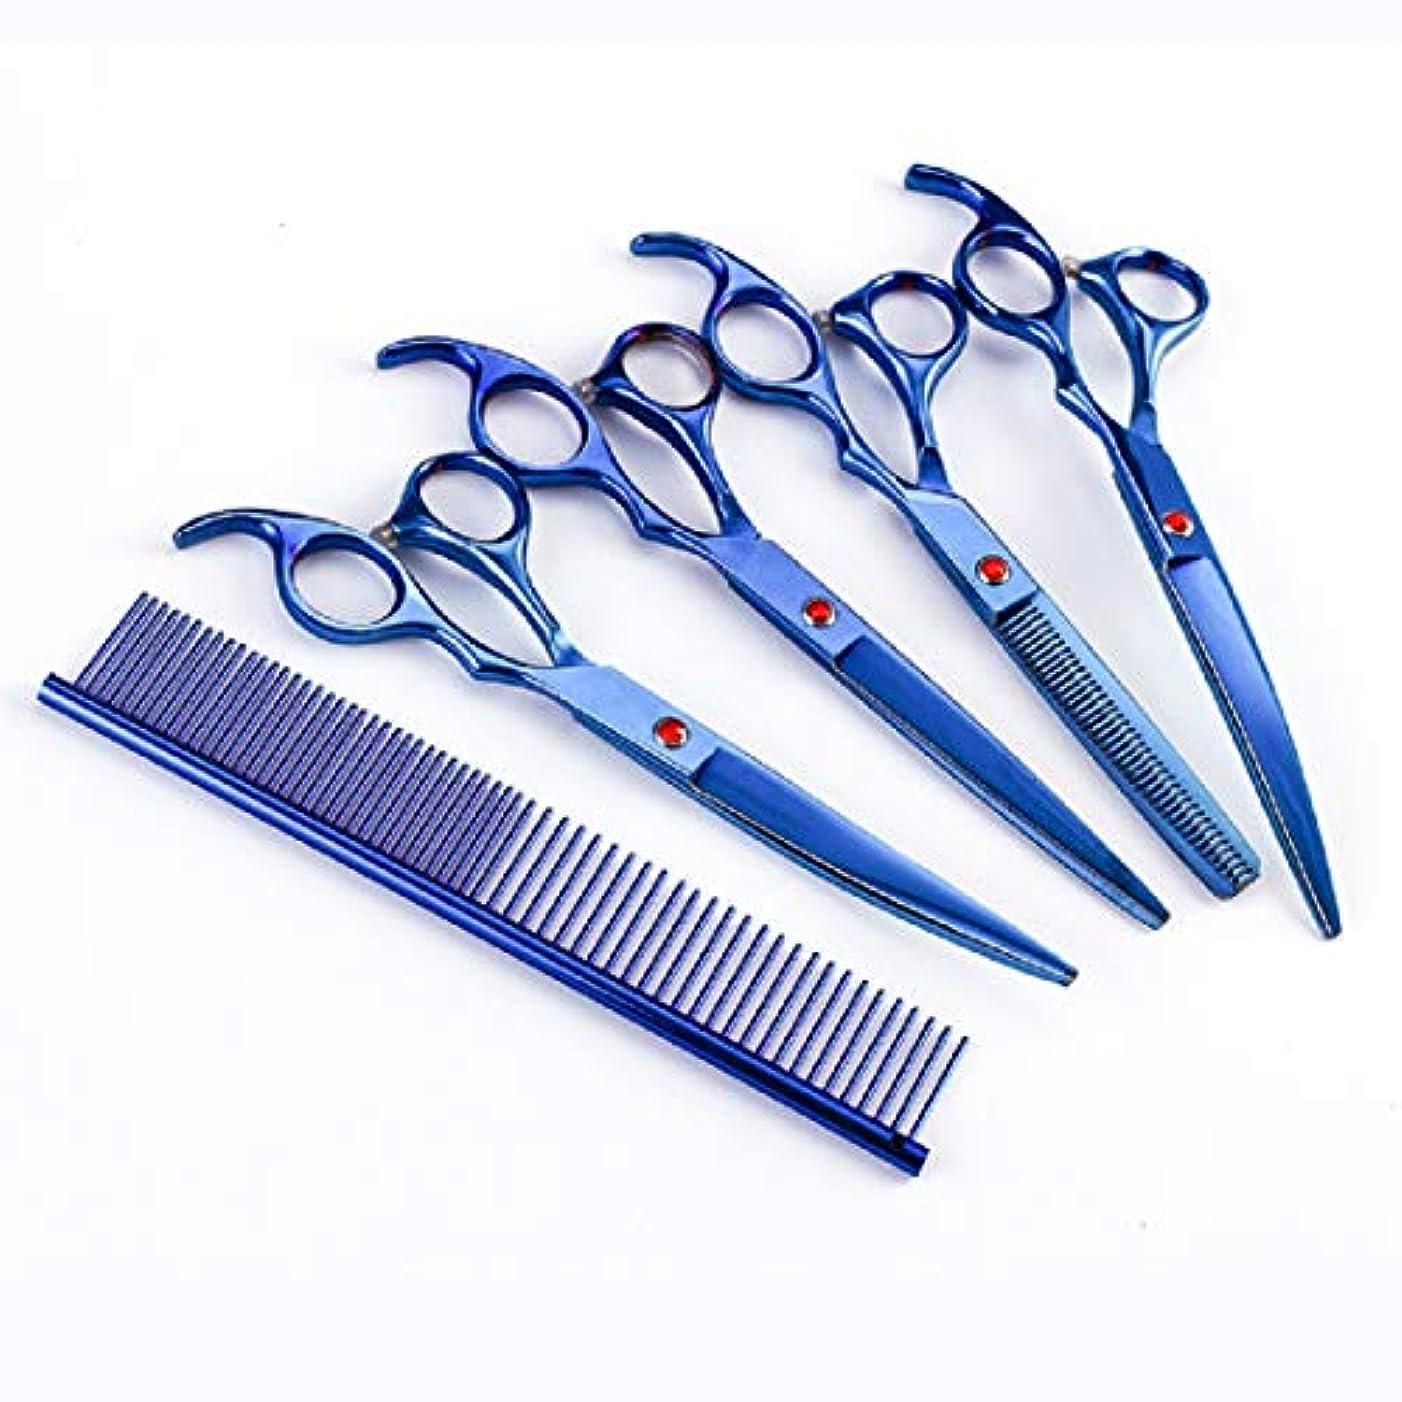 シチリアバタフライマティスJiaoran プロフェッショナルはさみペットグルーミングはさみセット7.0インチトリミング&カットハサミ4個 (Color : Blue)